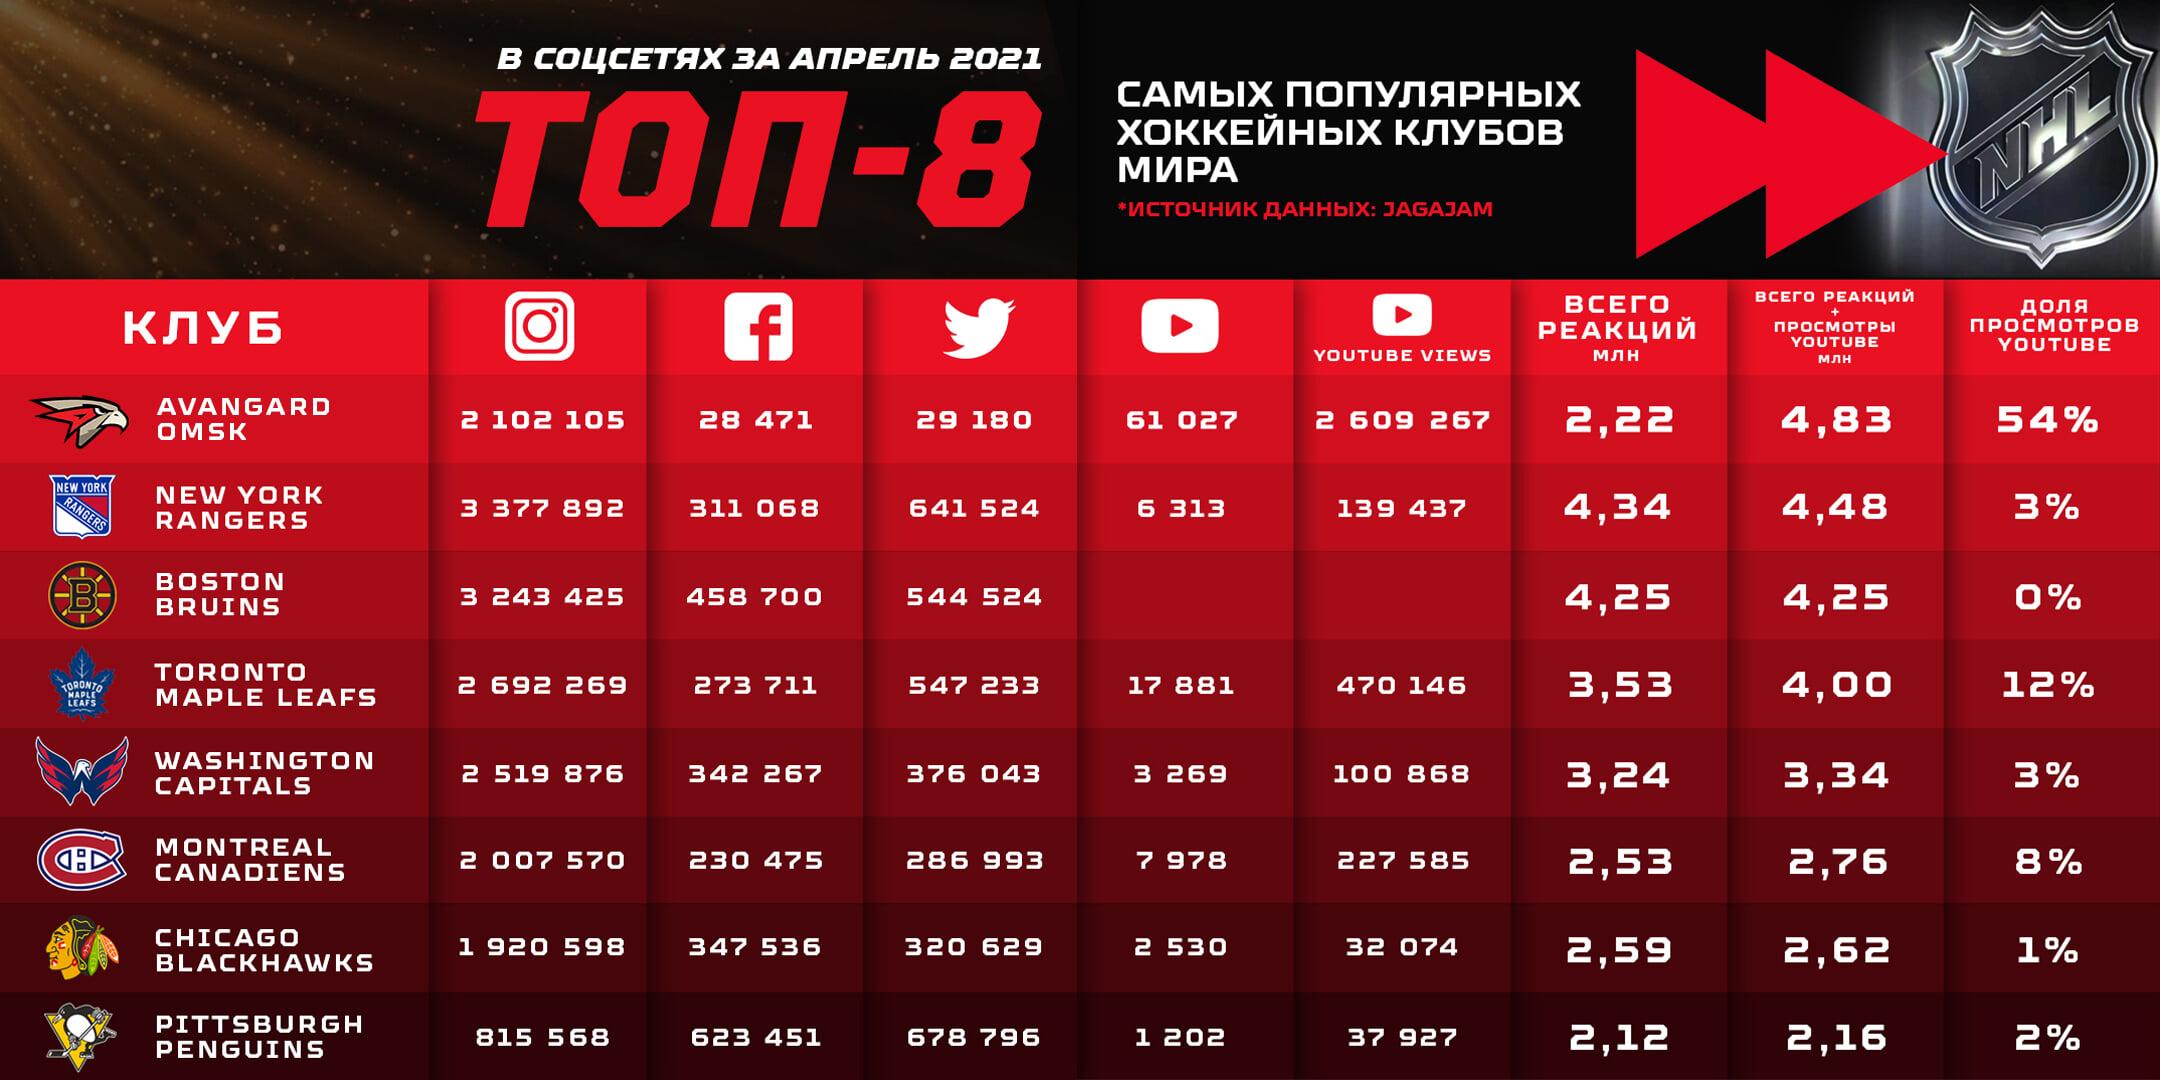 «Авангард» в соцсетях обогнал НХЛ, весь русский футбол и даже «Ювентус» с  «Аяксом». Это вообще реально?